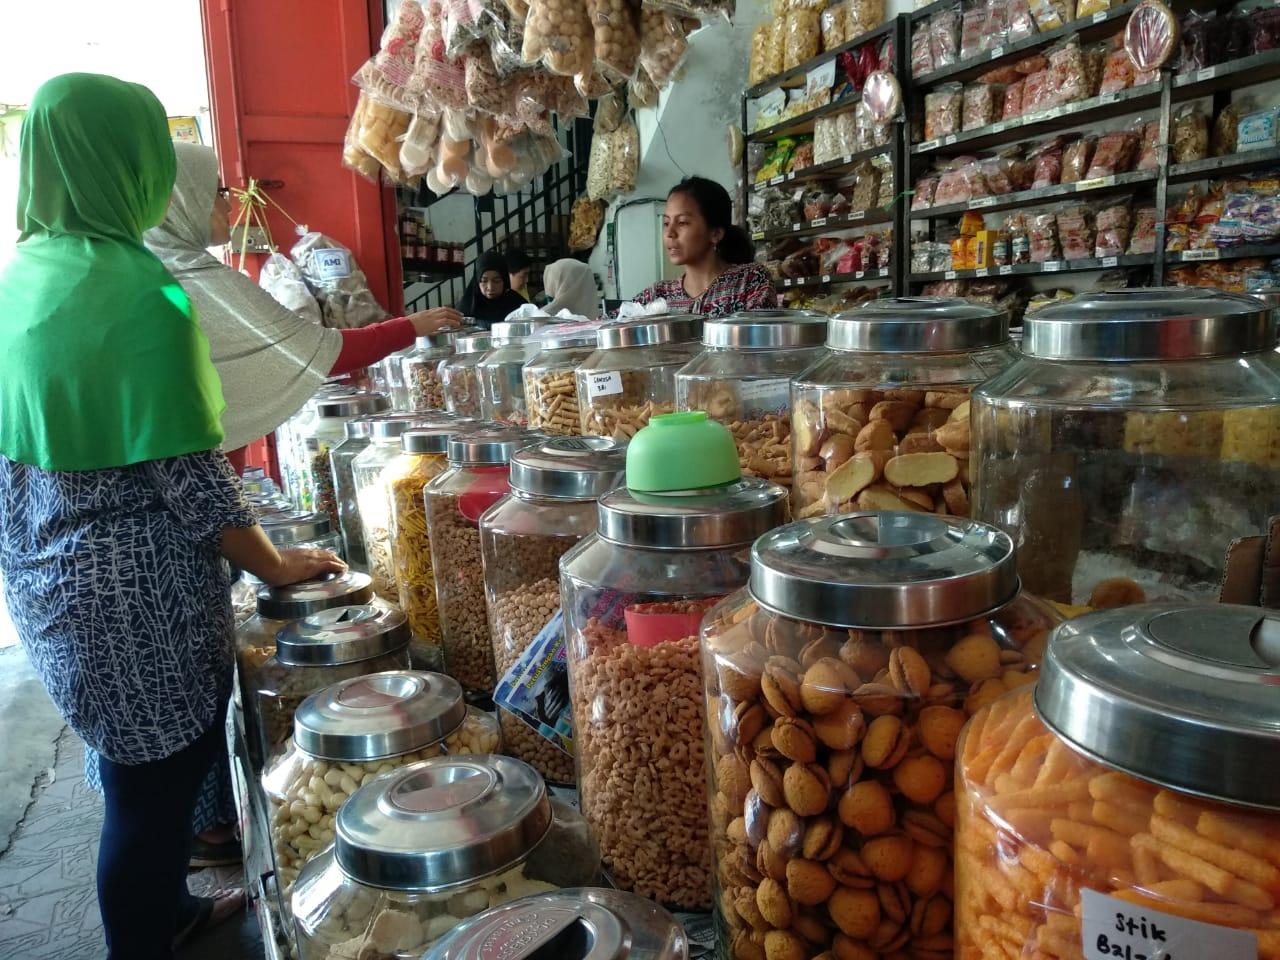 Toko kue kering khas Cirebon yang terus diburu masyarakat untuk jamuan lebaran. Foto: Alwi